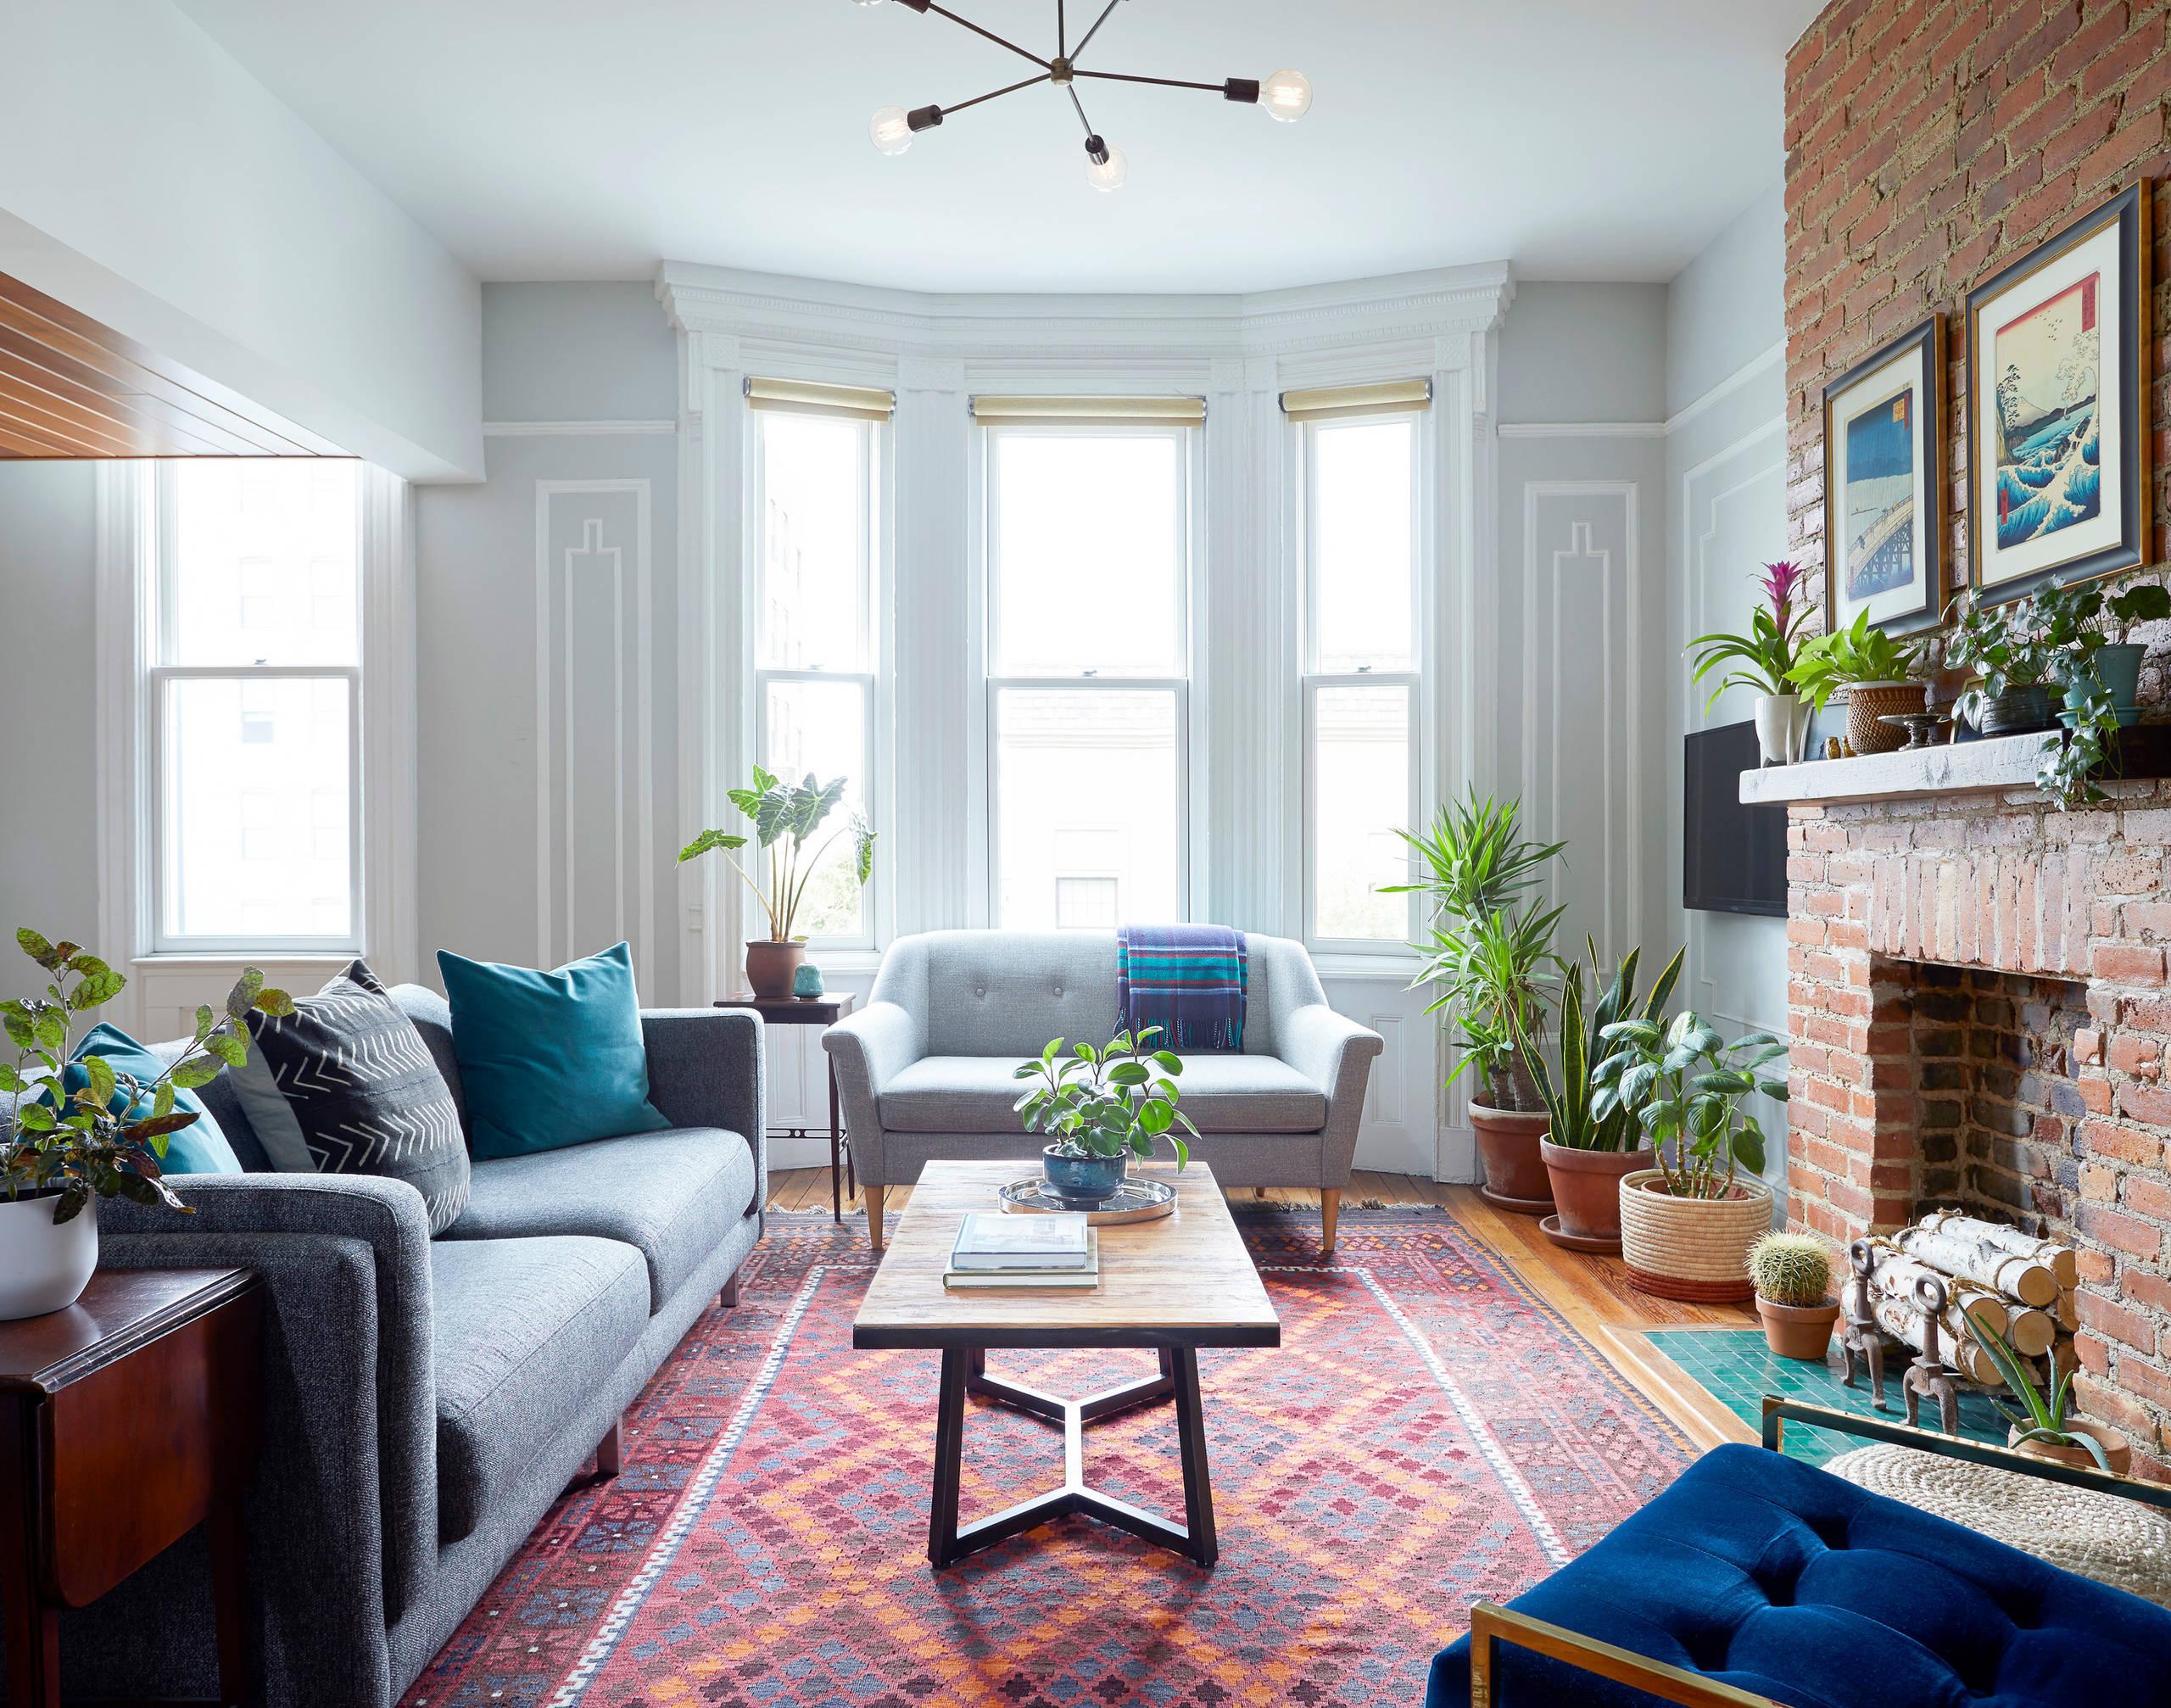 Living Room Plant Decor Ideas Photos Houzz